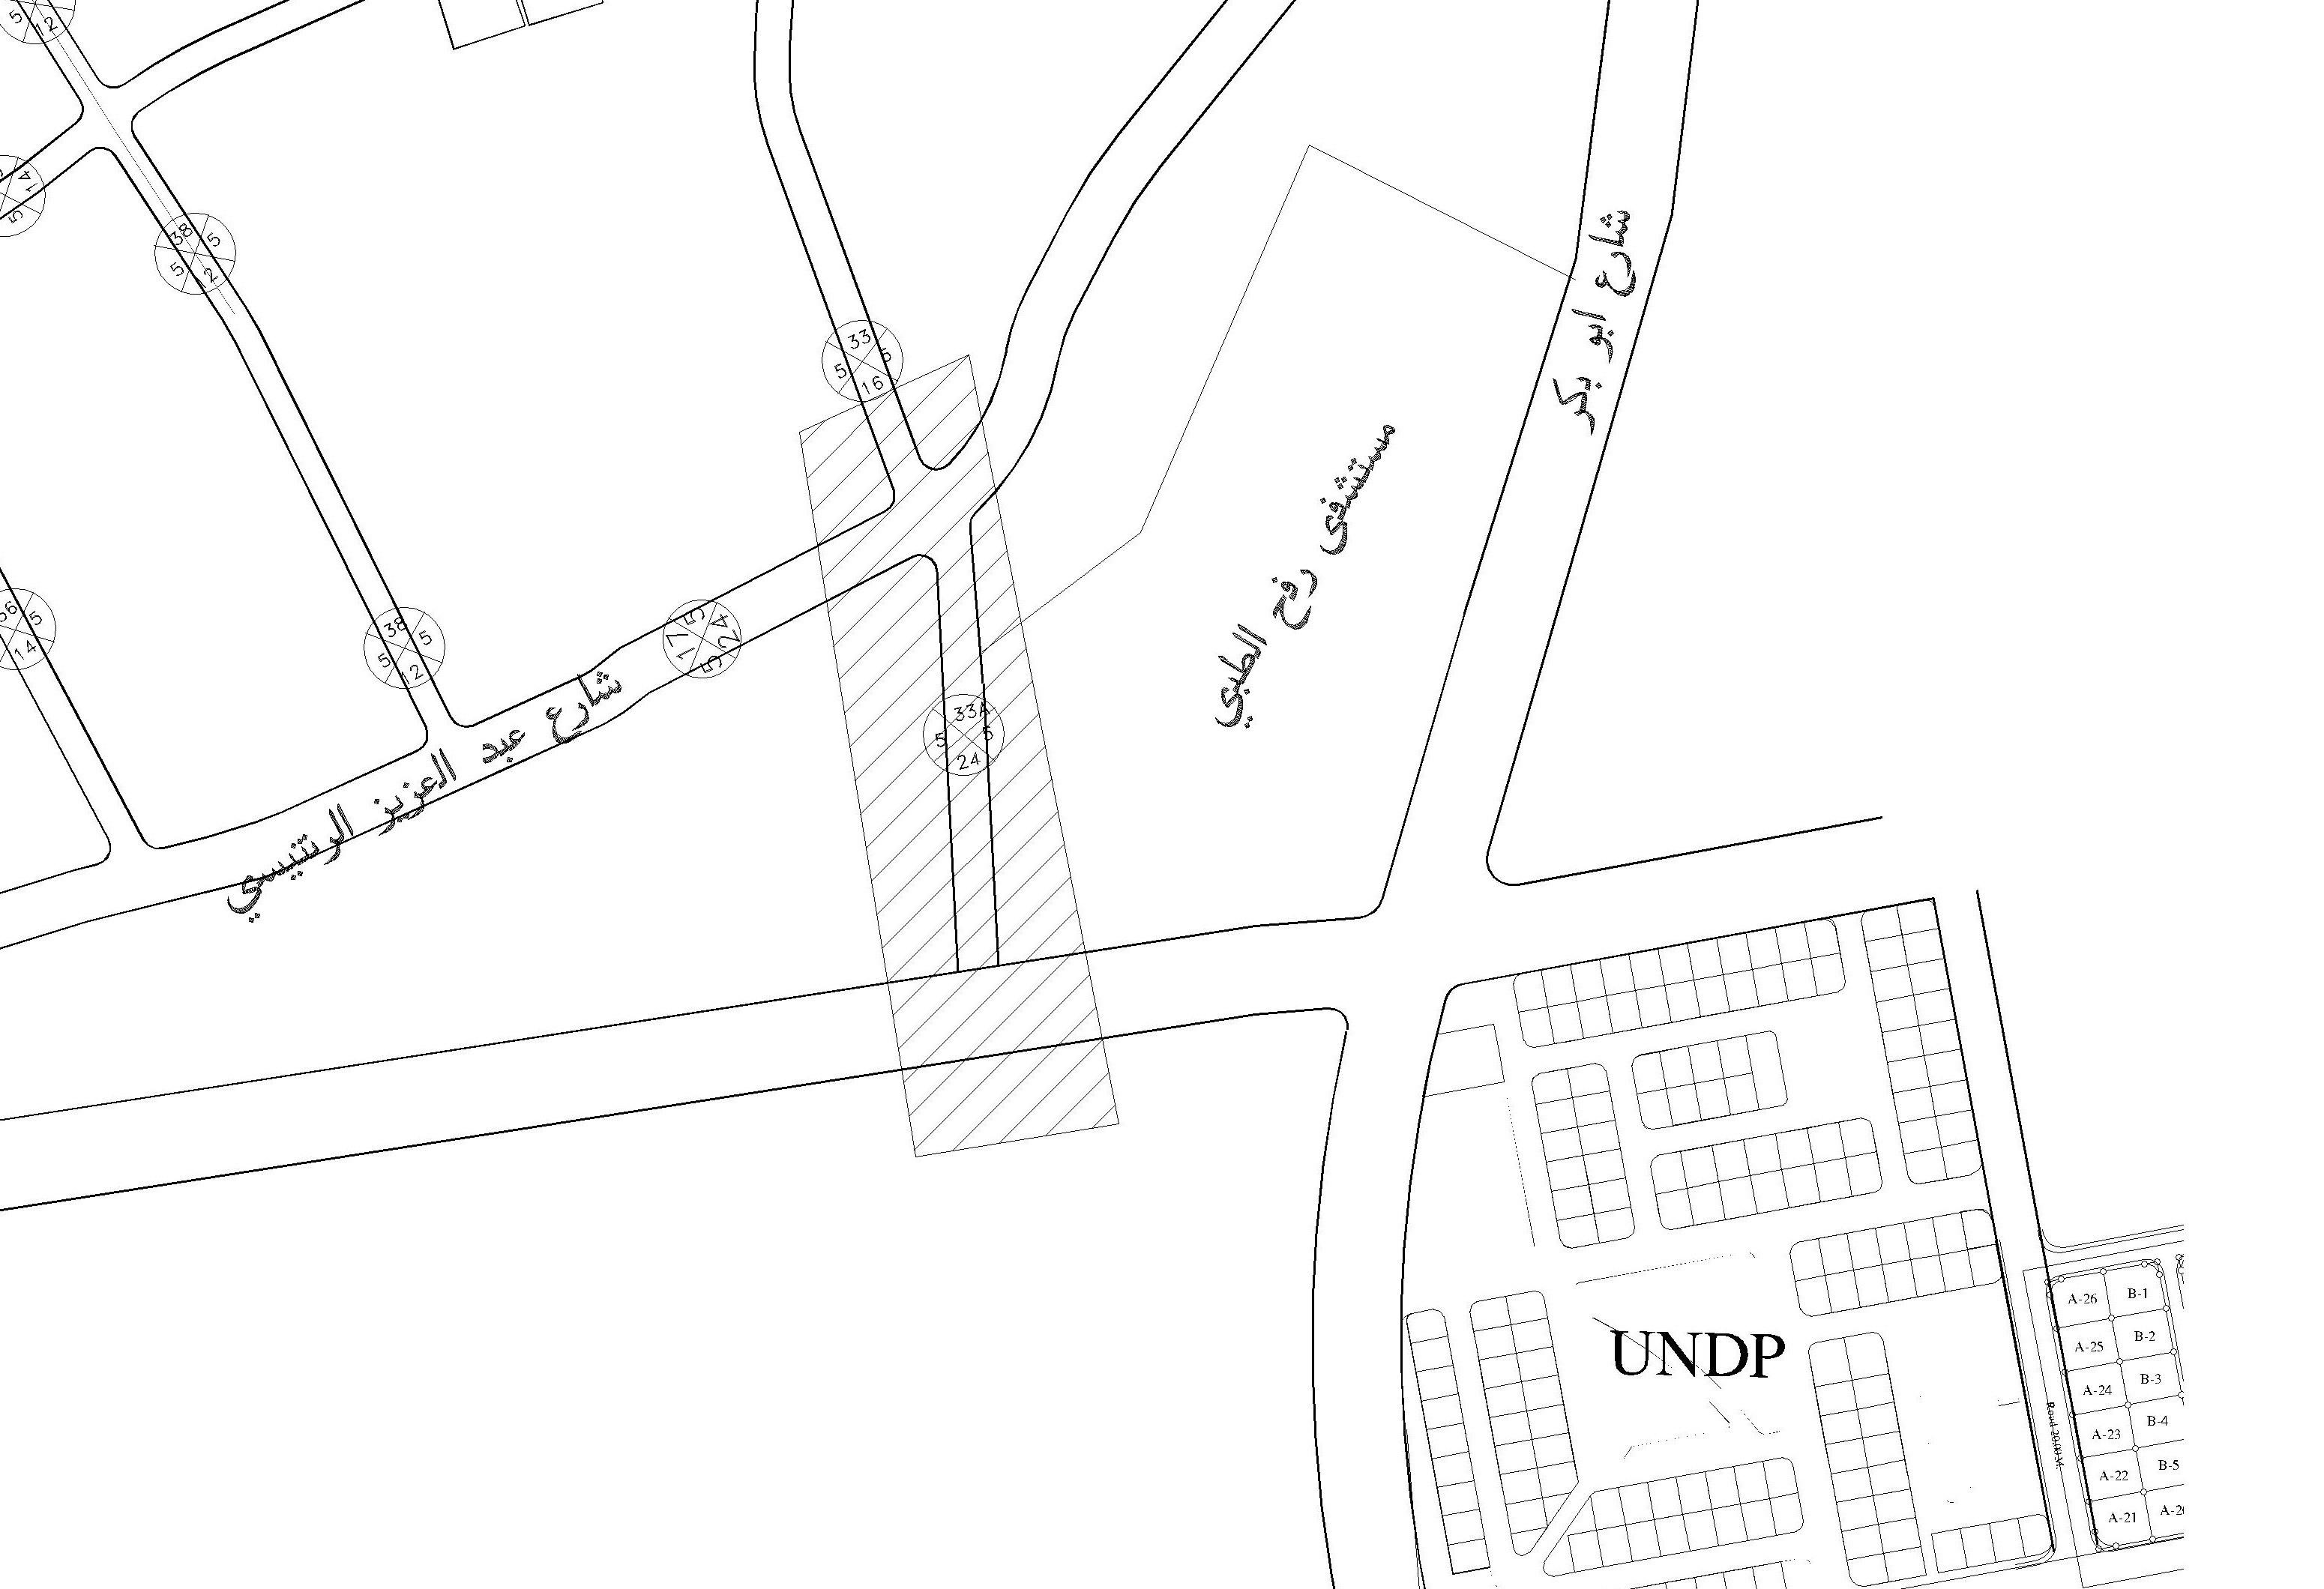 إعلان بالمصادقة على المخطط التفصيلي للشارع رقم (A33)